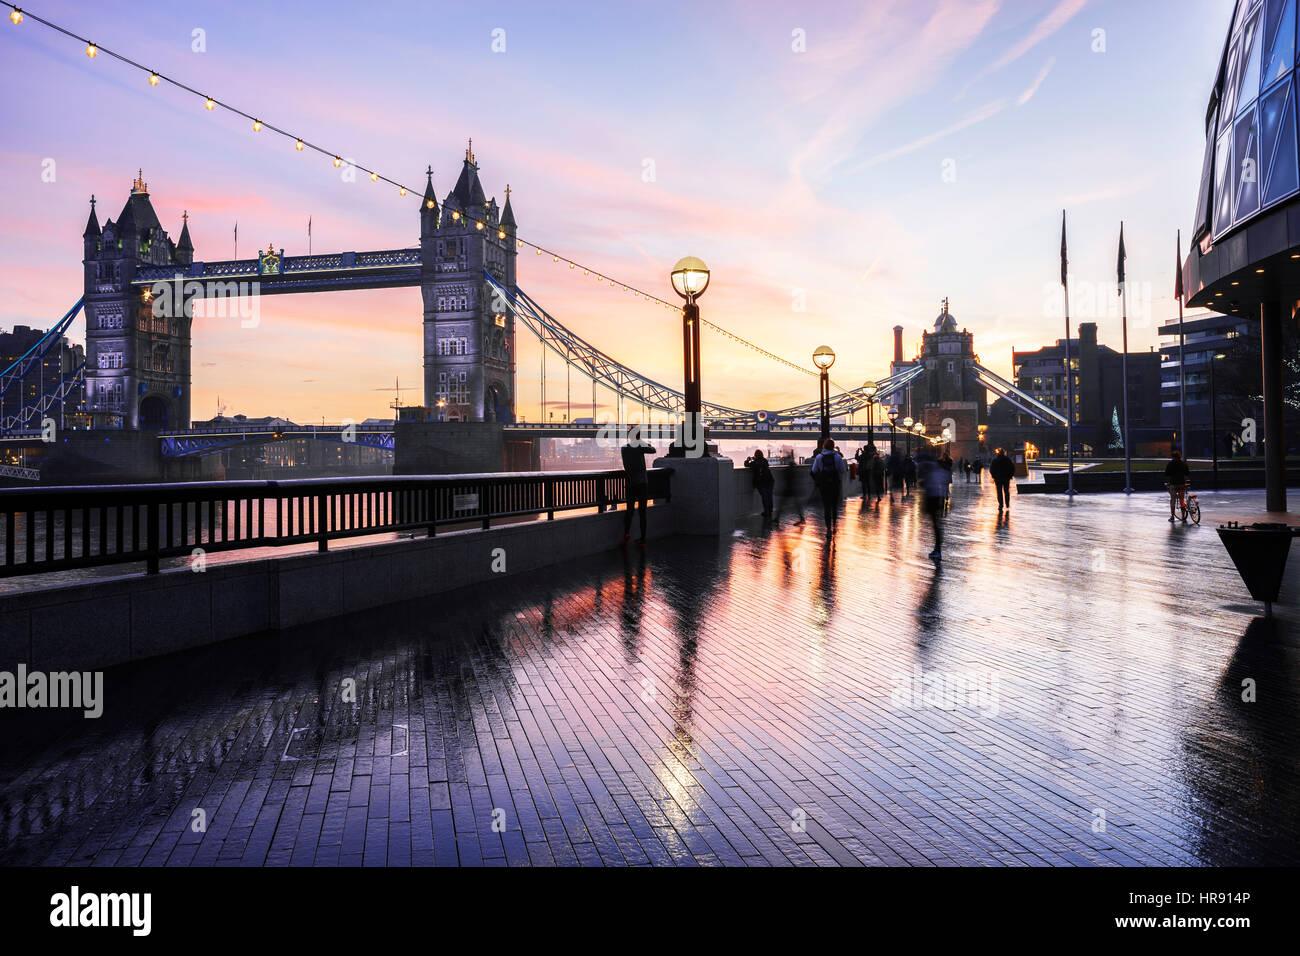 Die Tower Bridge und die Bank der Themse mit unscharfen Menschen, Southwark, London, UK Stockbild